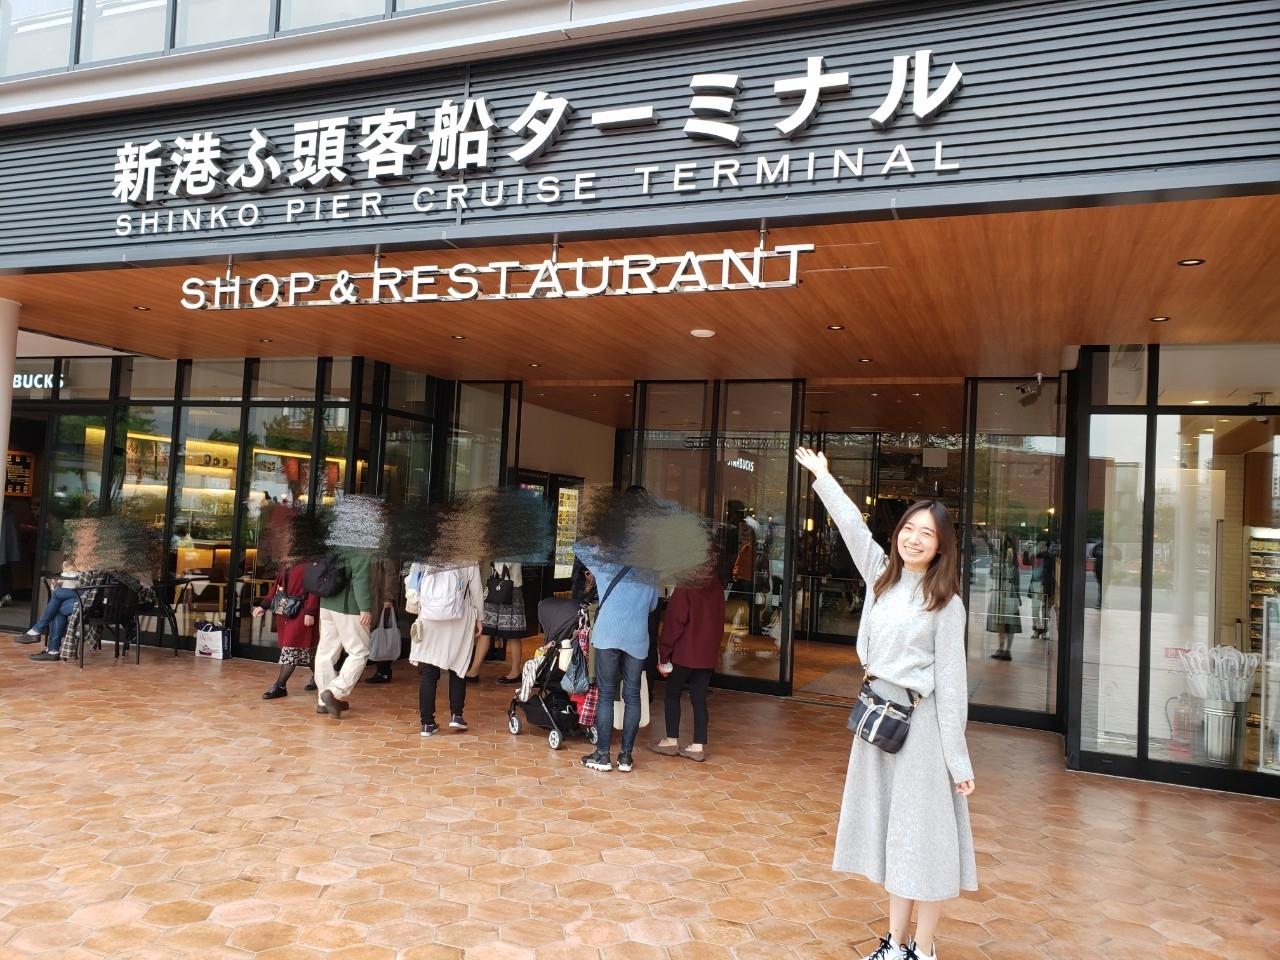 【横浜ハンマーヘッド】10月31日New Open!食をテーマにしたテーマパークへ潜入✨_1